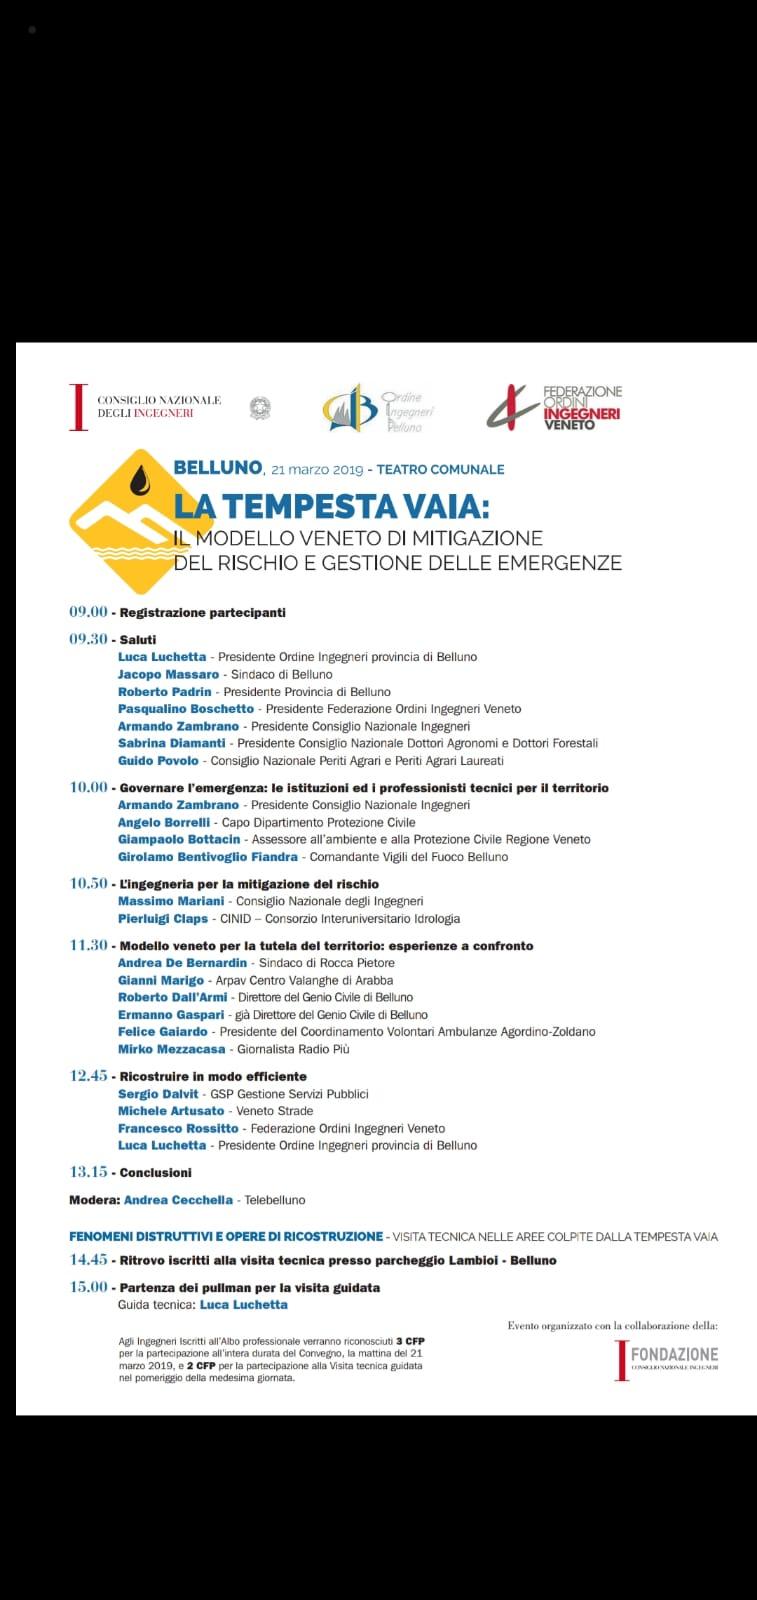 6c3e34a060 BELLUNO Partecipazione e attenzione al convegno organizzato giovedi al  Teatro Comunale di Belluno dal consiglio nazionale degli ingegneri, ...